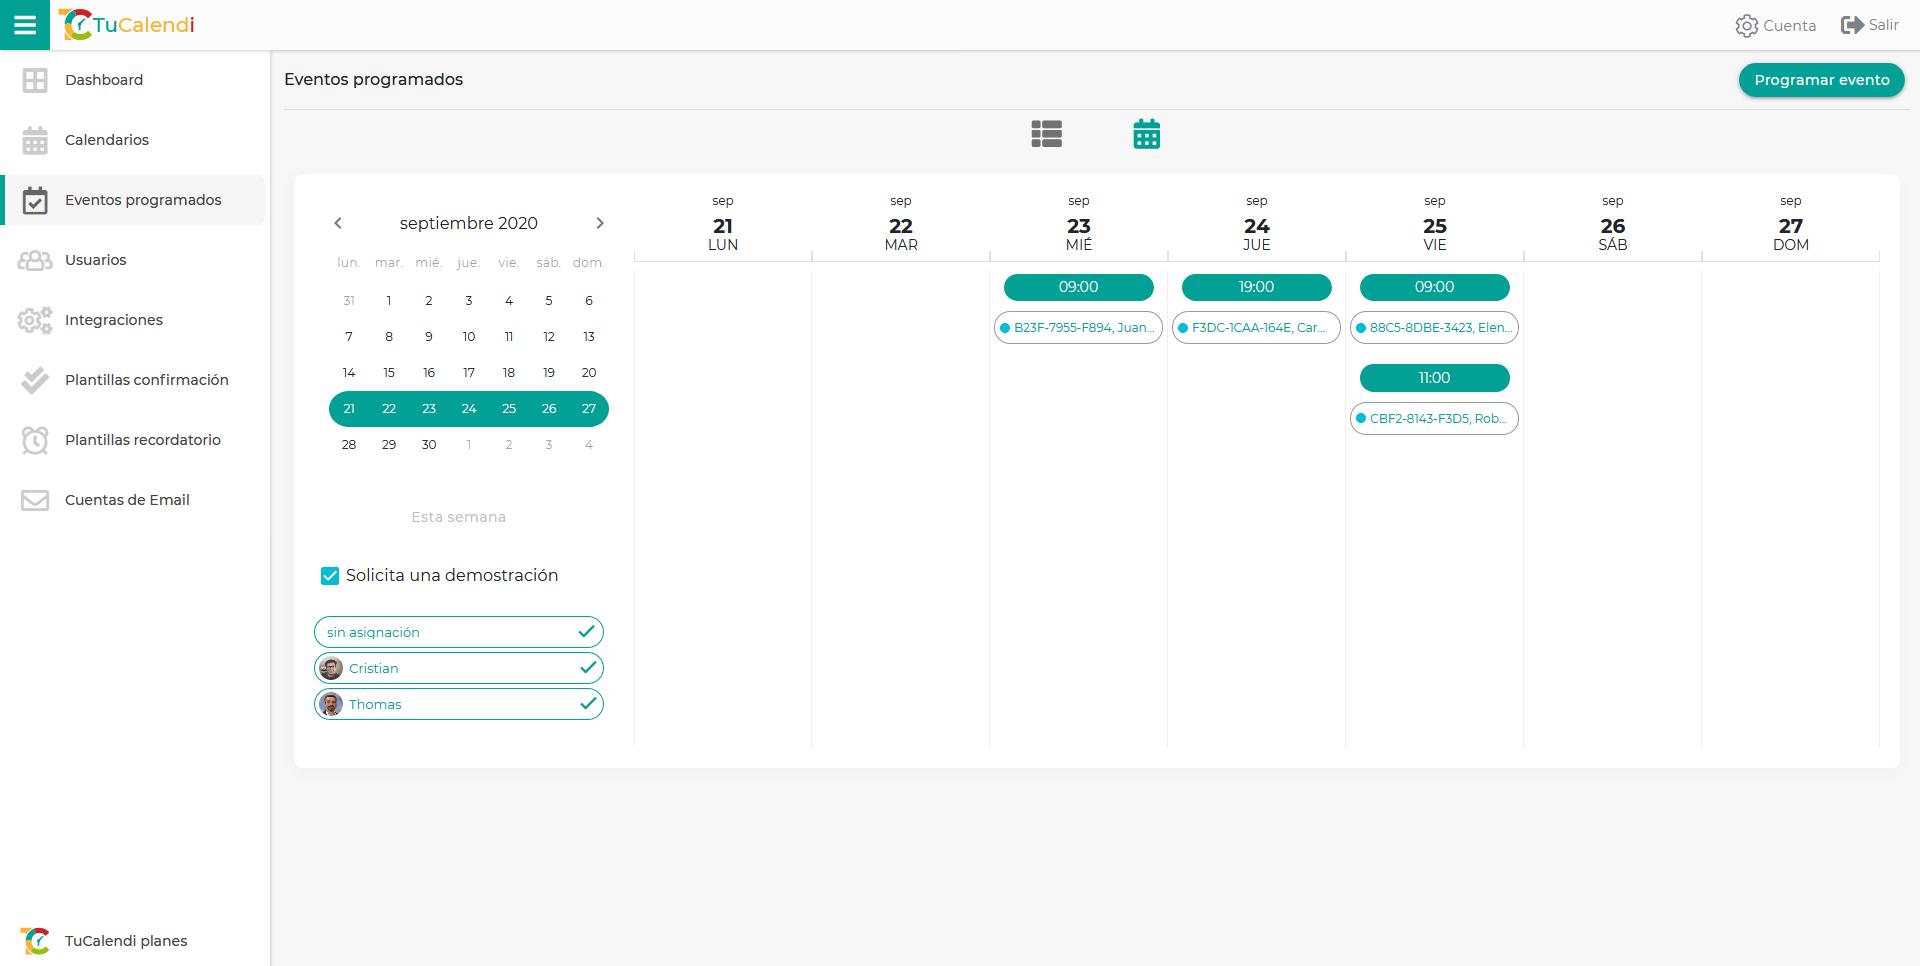 Organización calendario online de TuCalendi